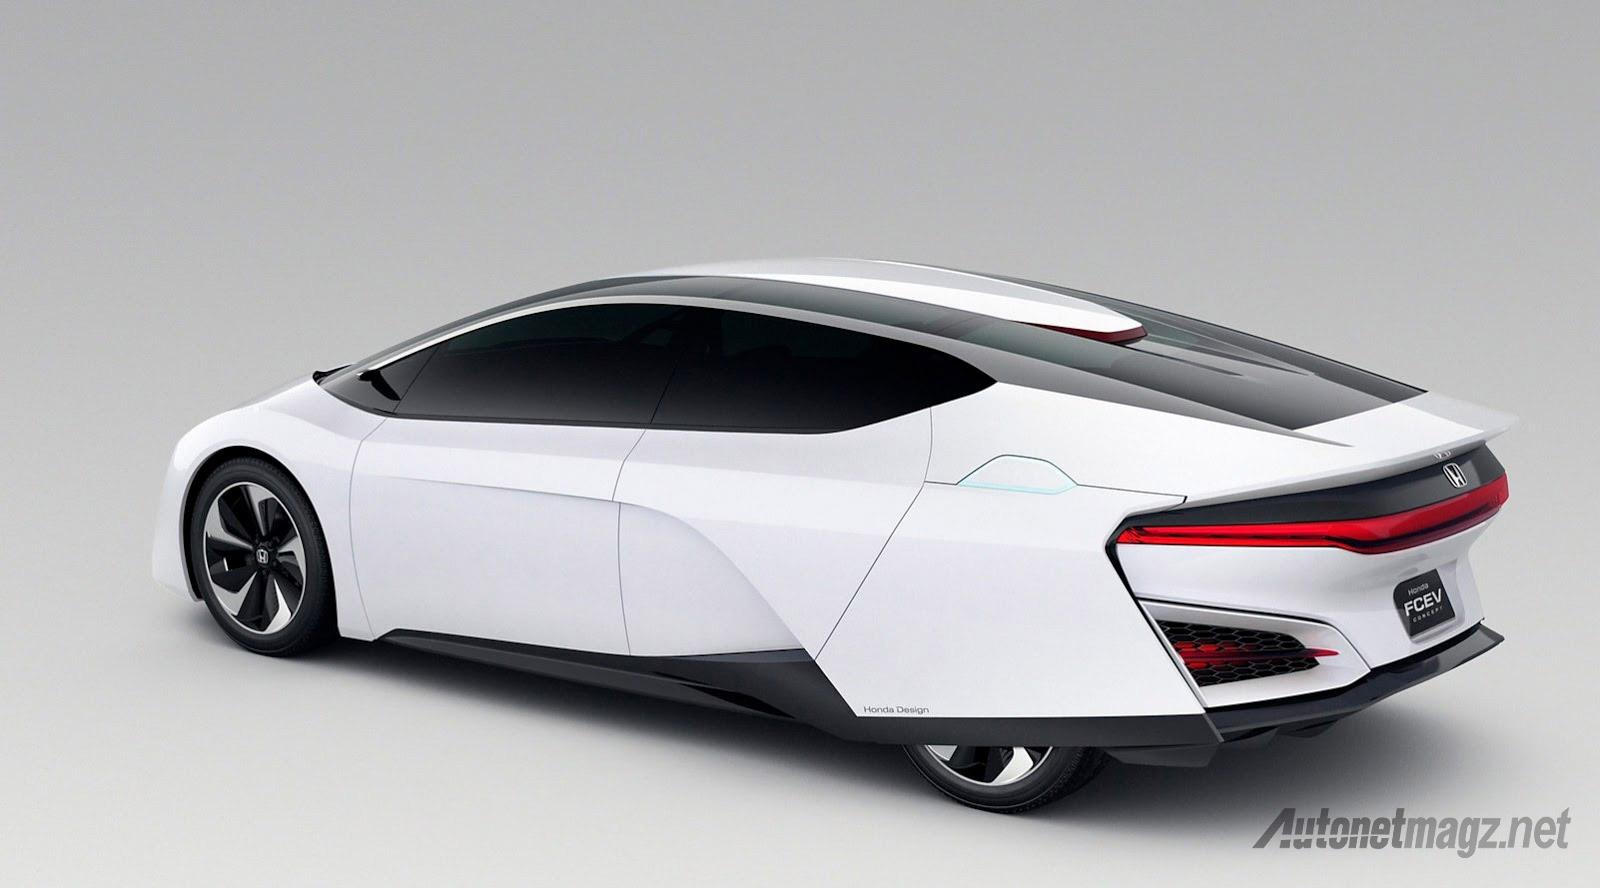 Wallpaper-Honda-FCEV